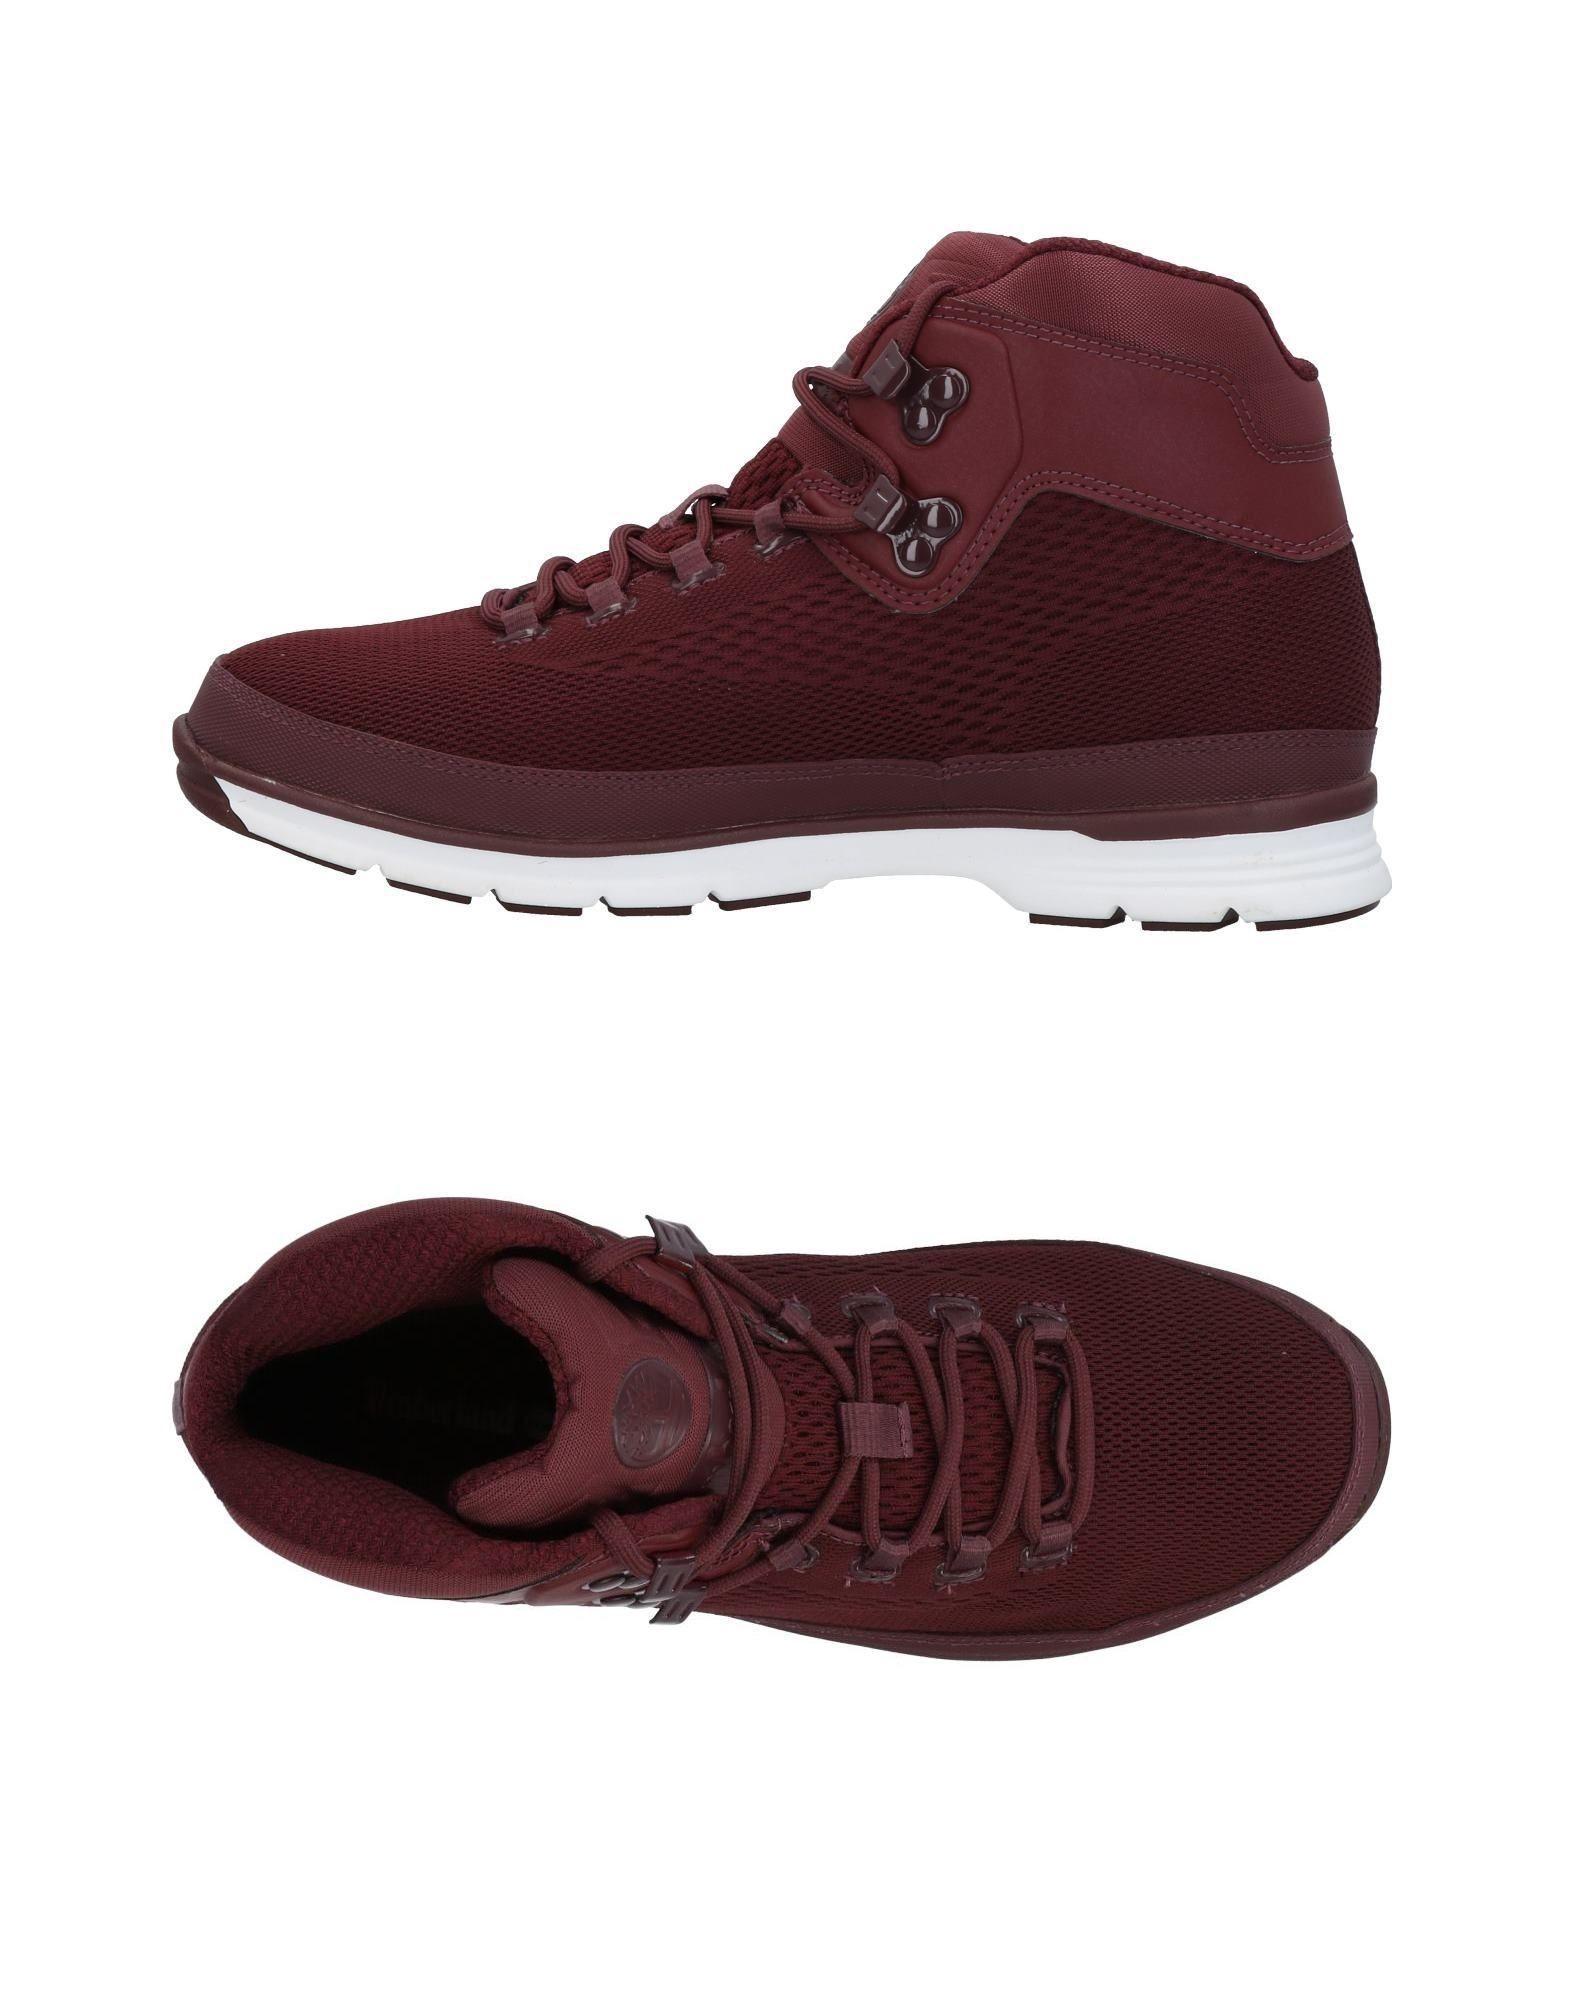 Timberland Sneakers In Deep Purple